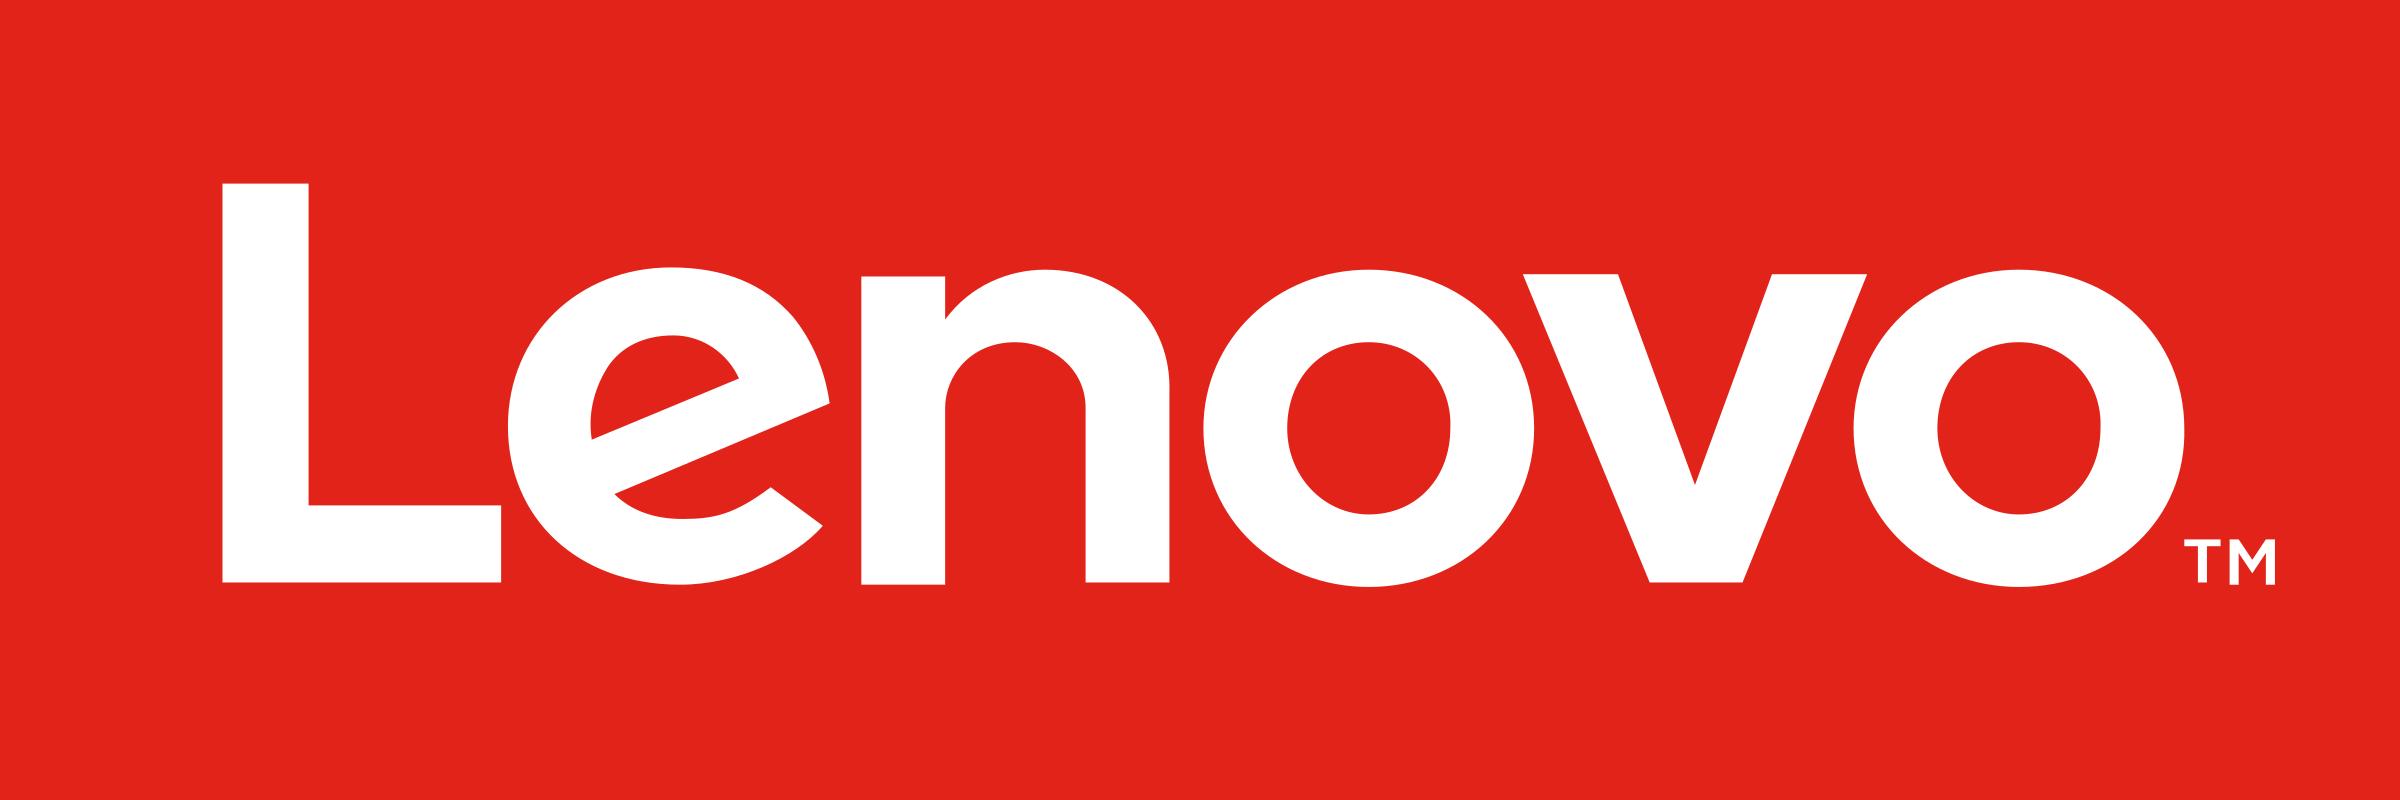 lenovo-de-logo